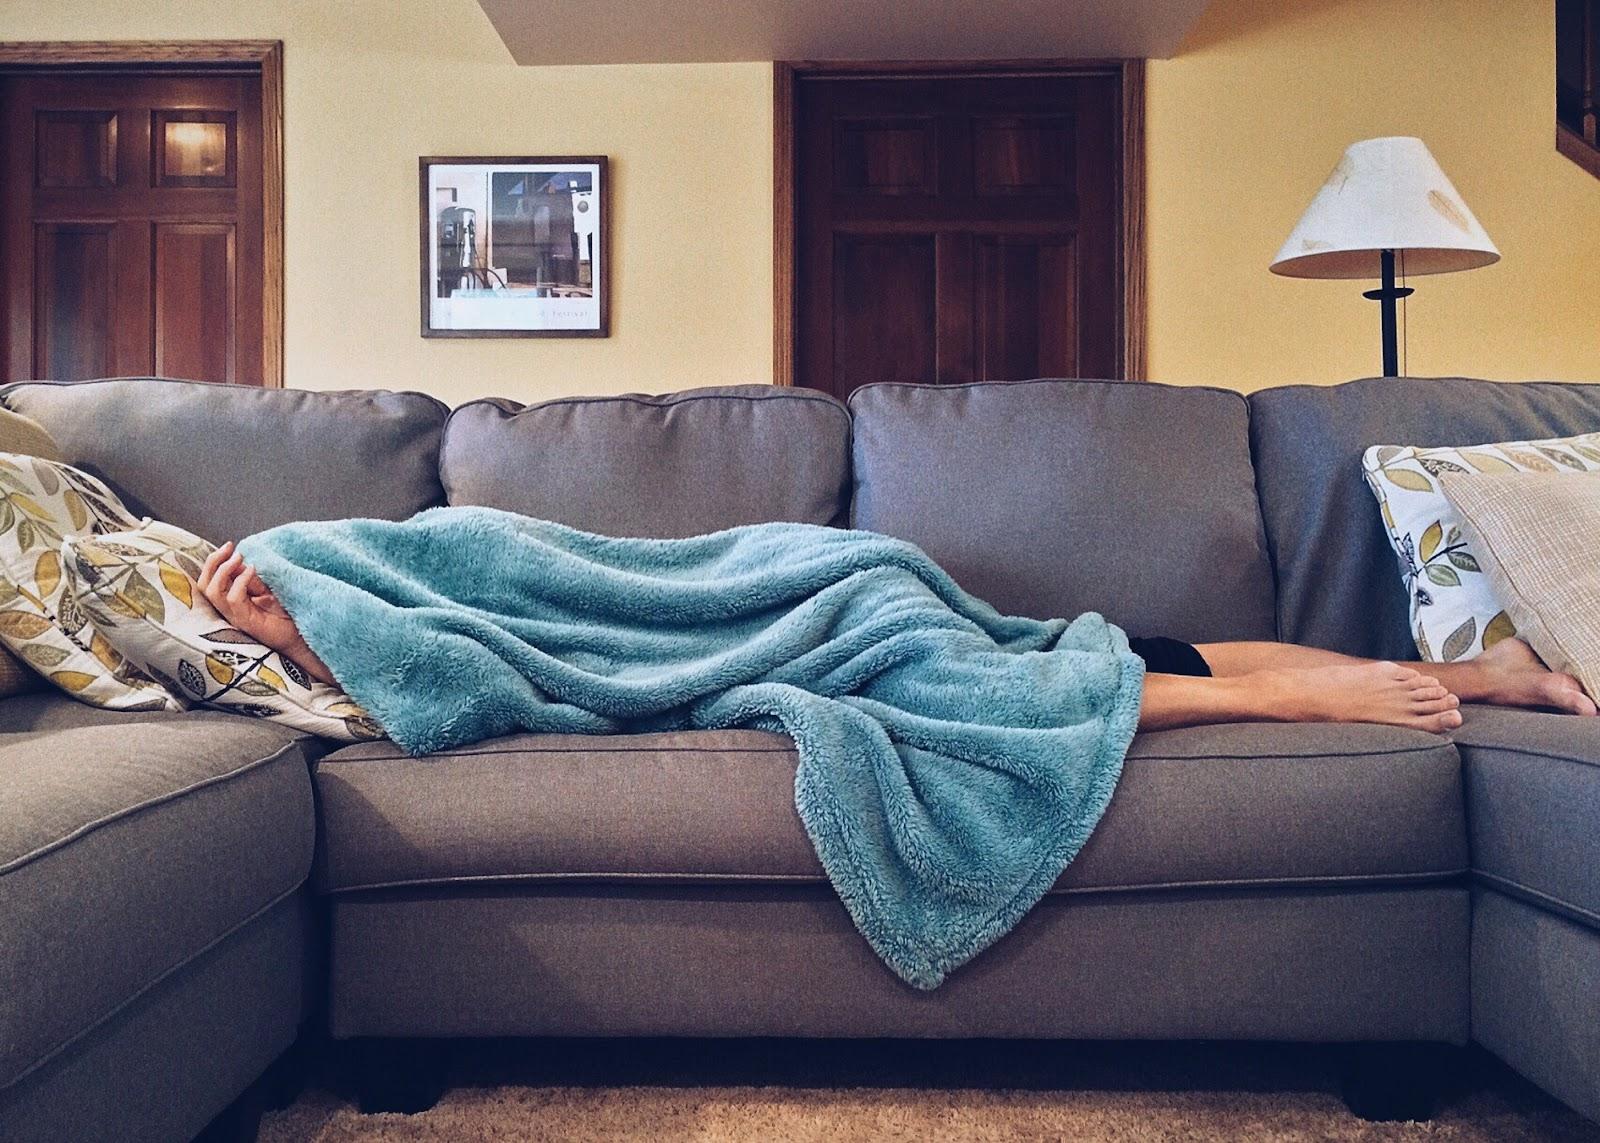 אישה שוכבת על הספה מכוסה